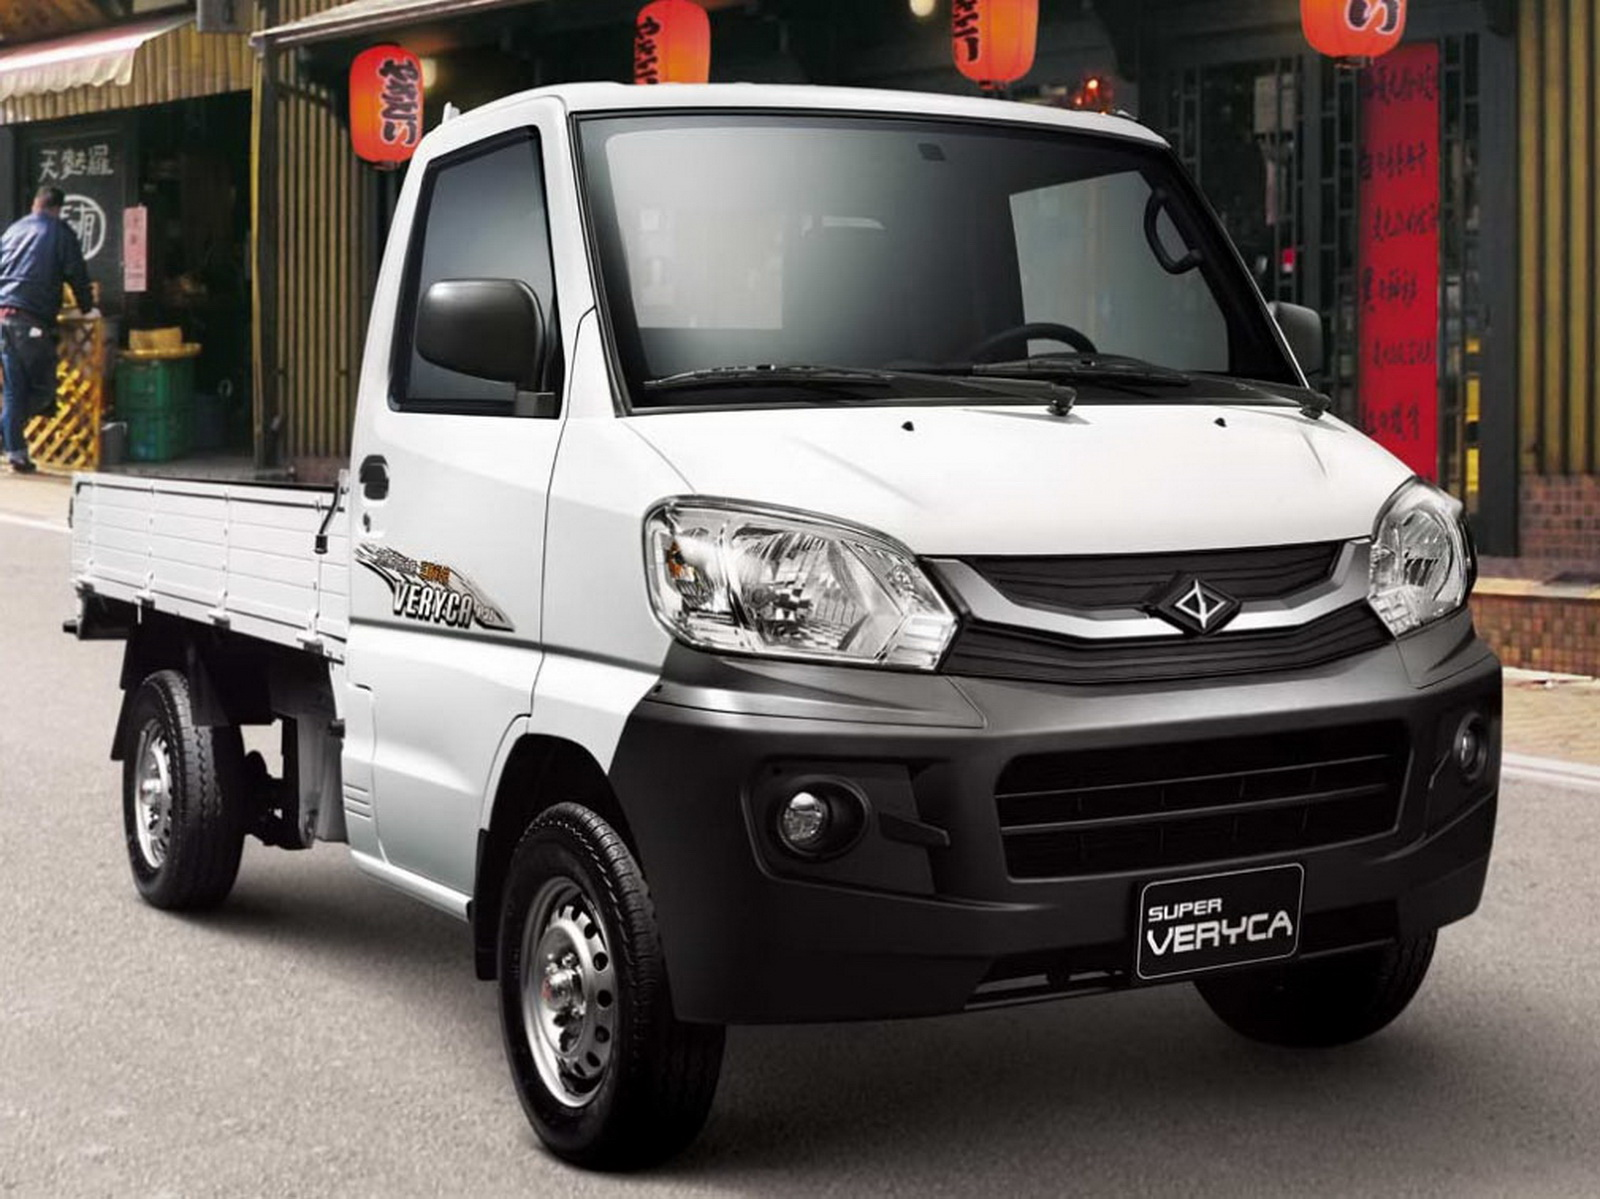 圖/本月國產休旅/商用車榜單,由上月冠軍CMC Veryca蟬聯,交出1,346輛的漂亮成績。